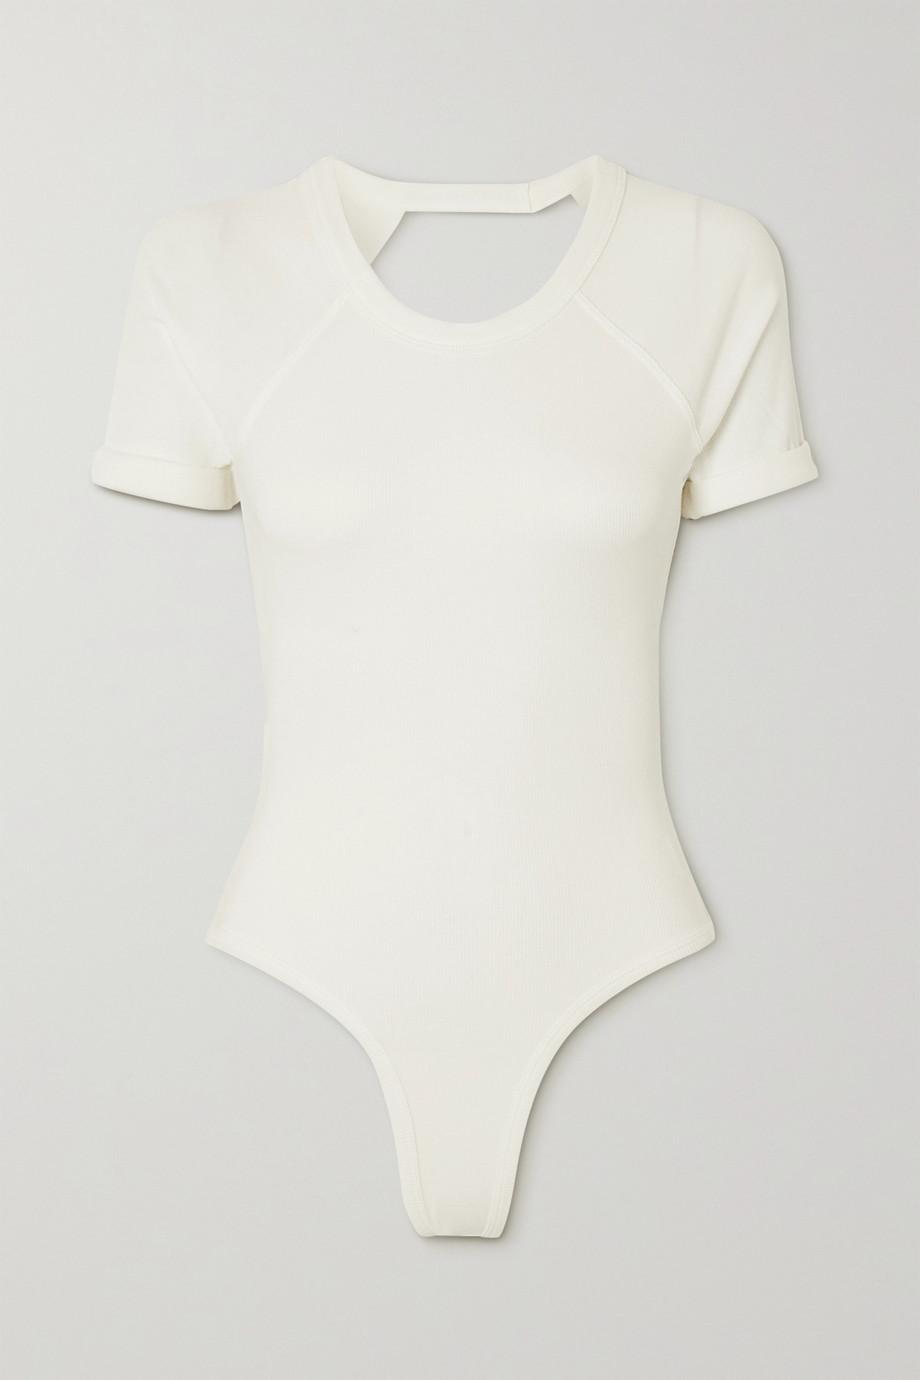 The Line By K Remy Body aus Jersey aus einer Baumwoll-Modalmischung mit Stretch-Anteil